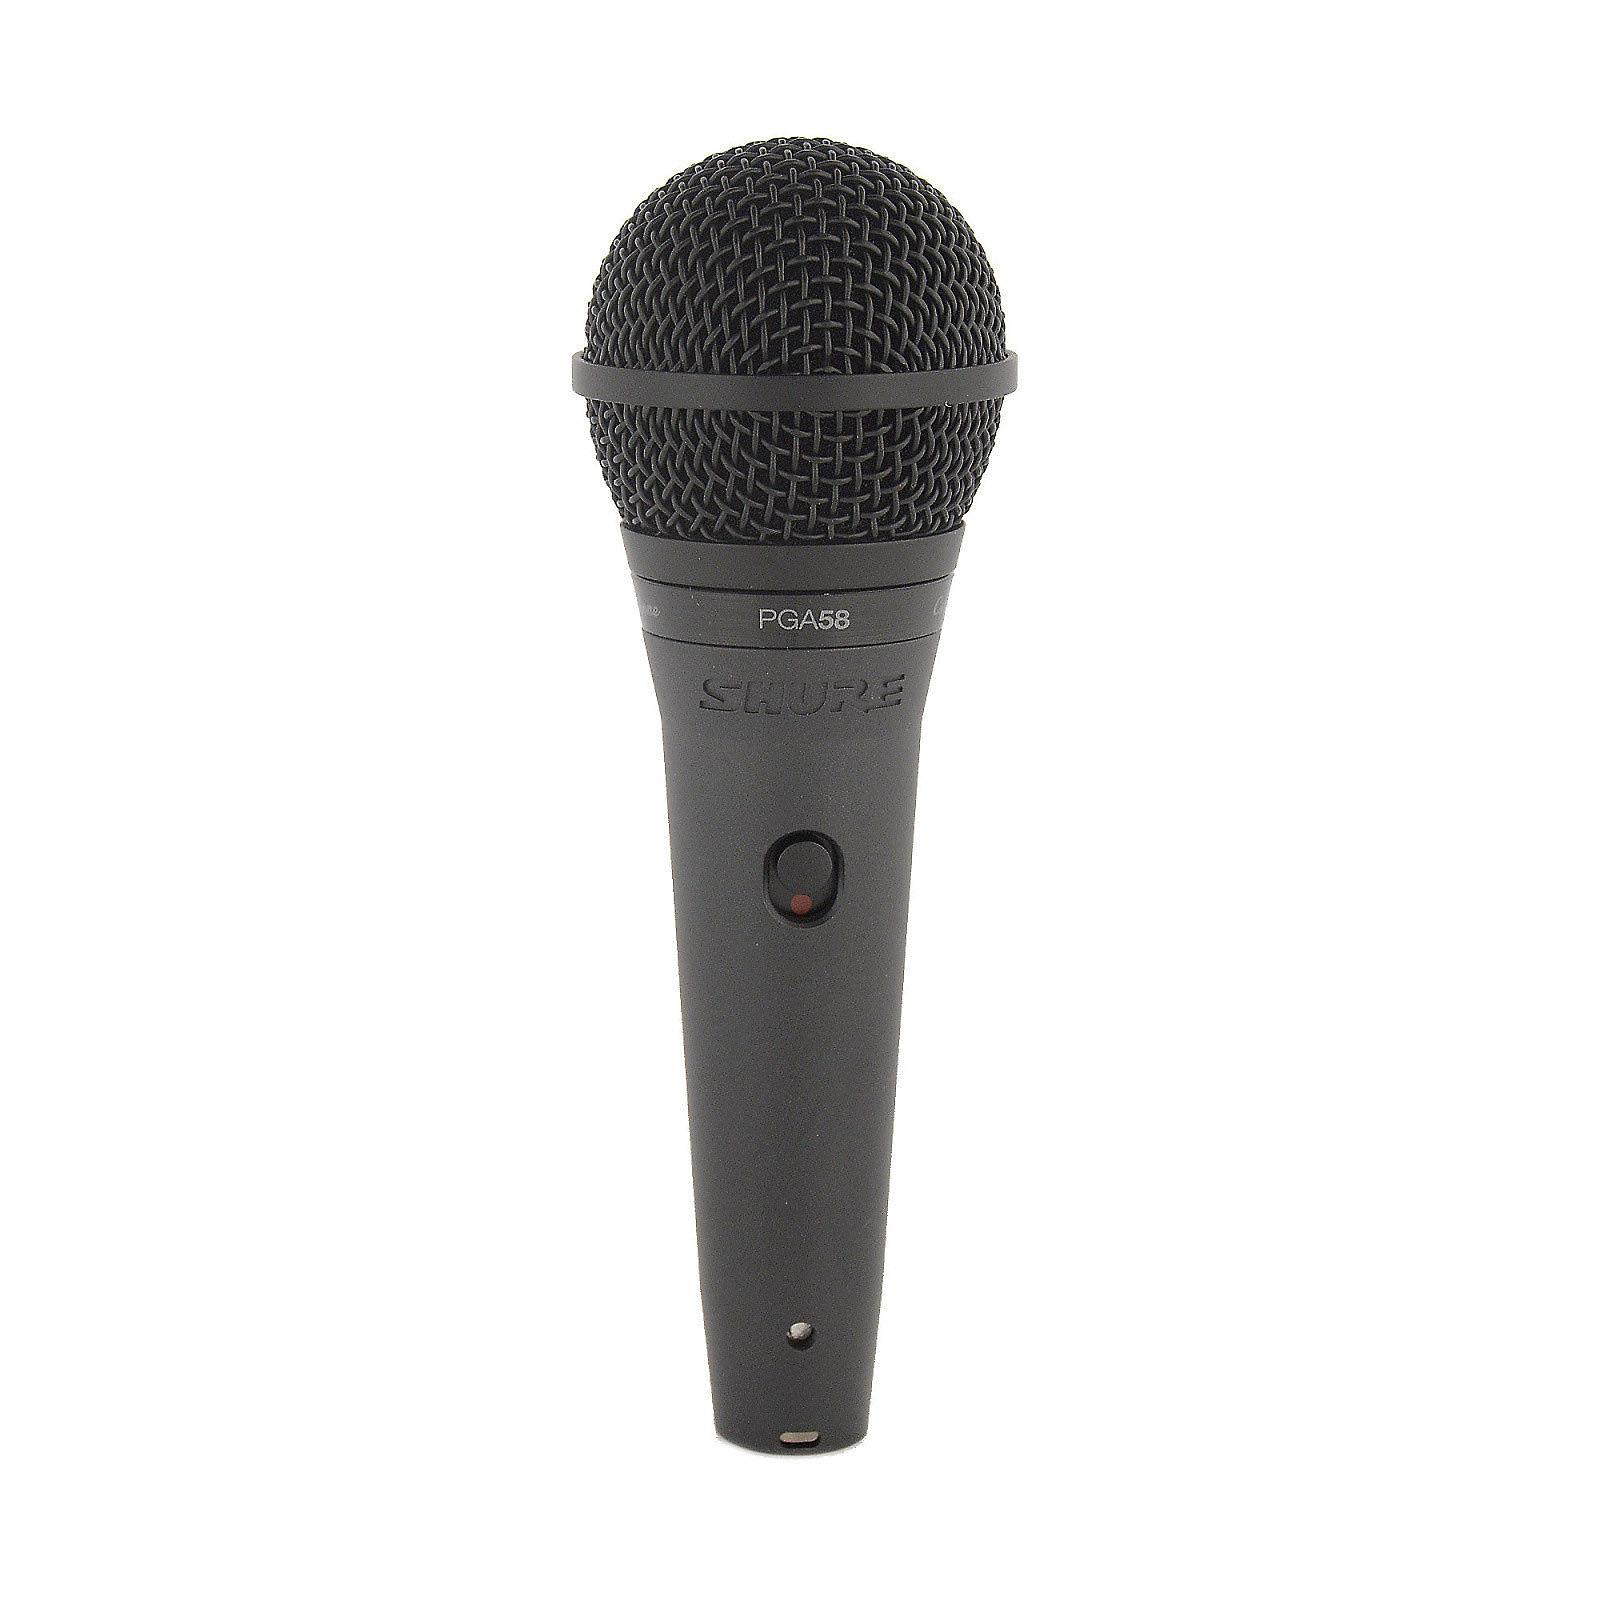 shure pga58 handheld dynamic vocal microphone reverb. Black Bedroom Furniture Sets. Home Design Ideas